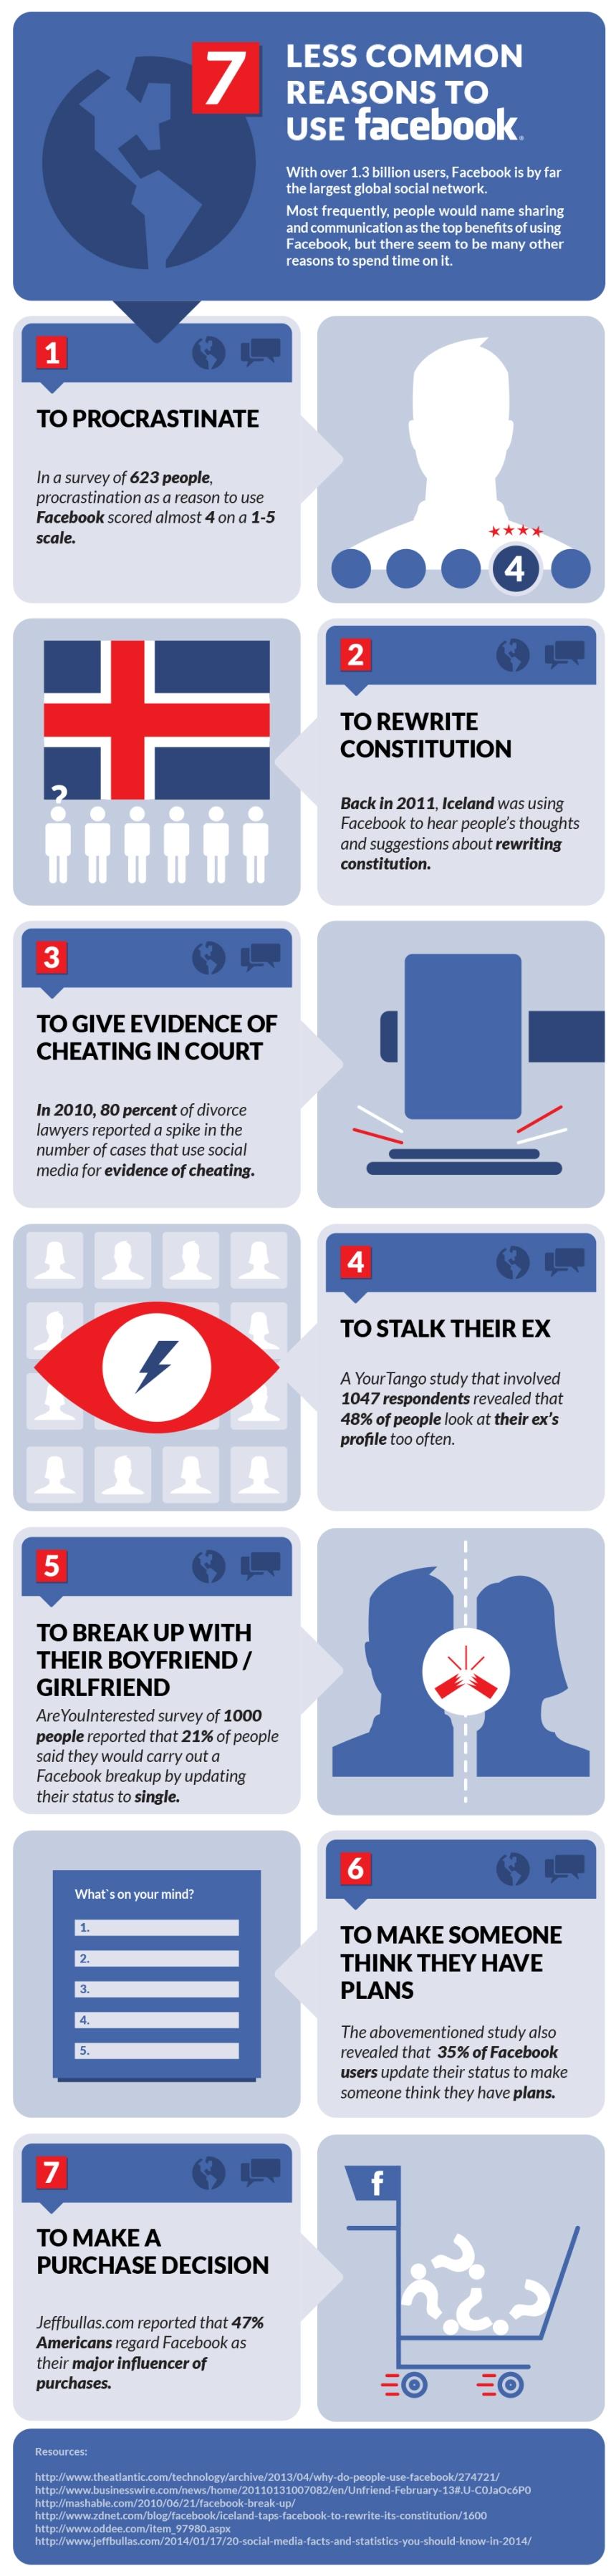 7 razones poco comunes para usar FaceBook